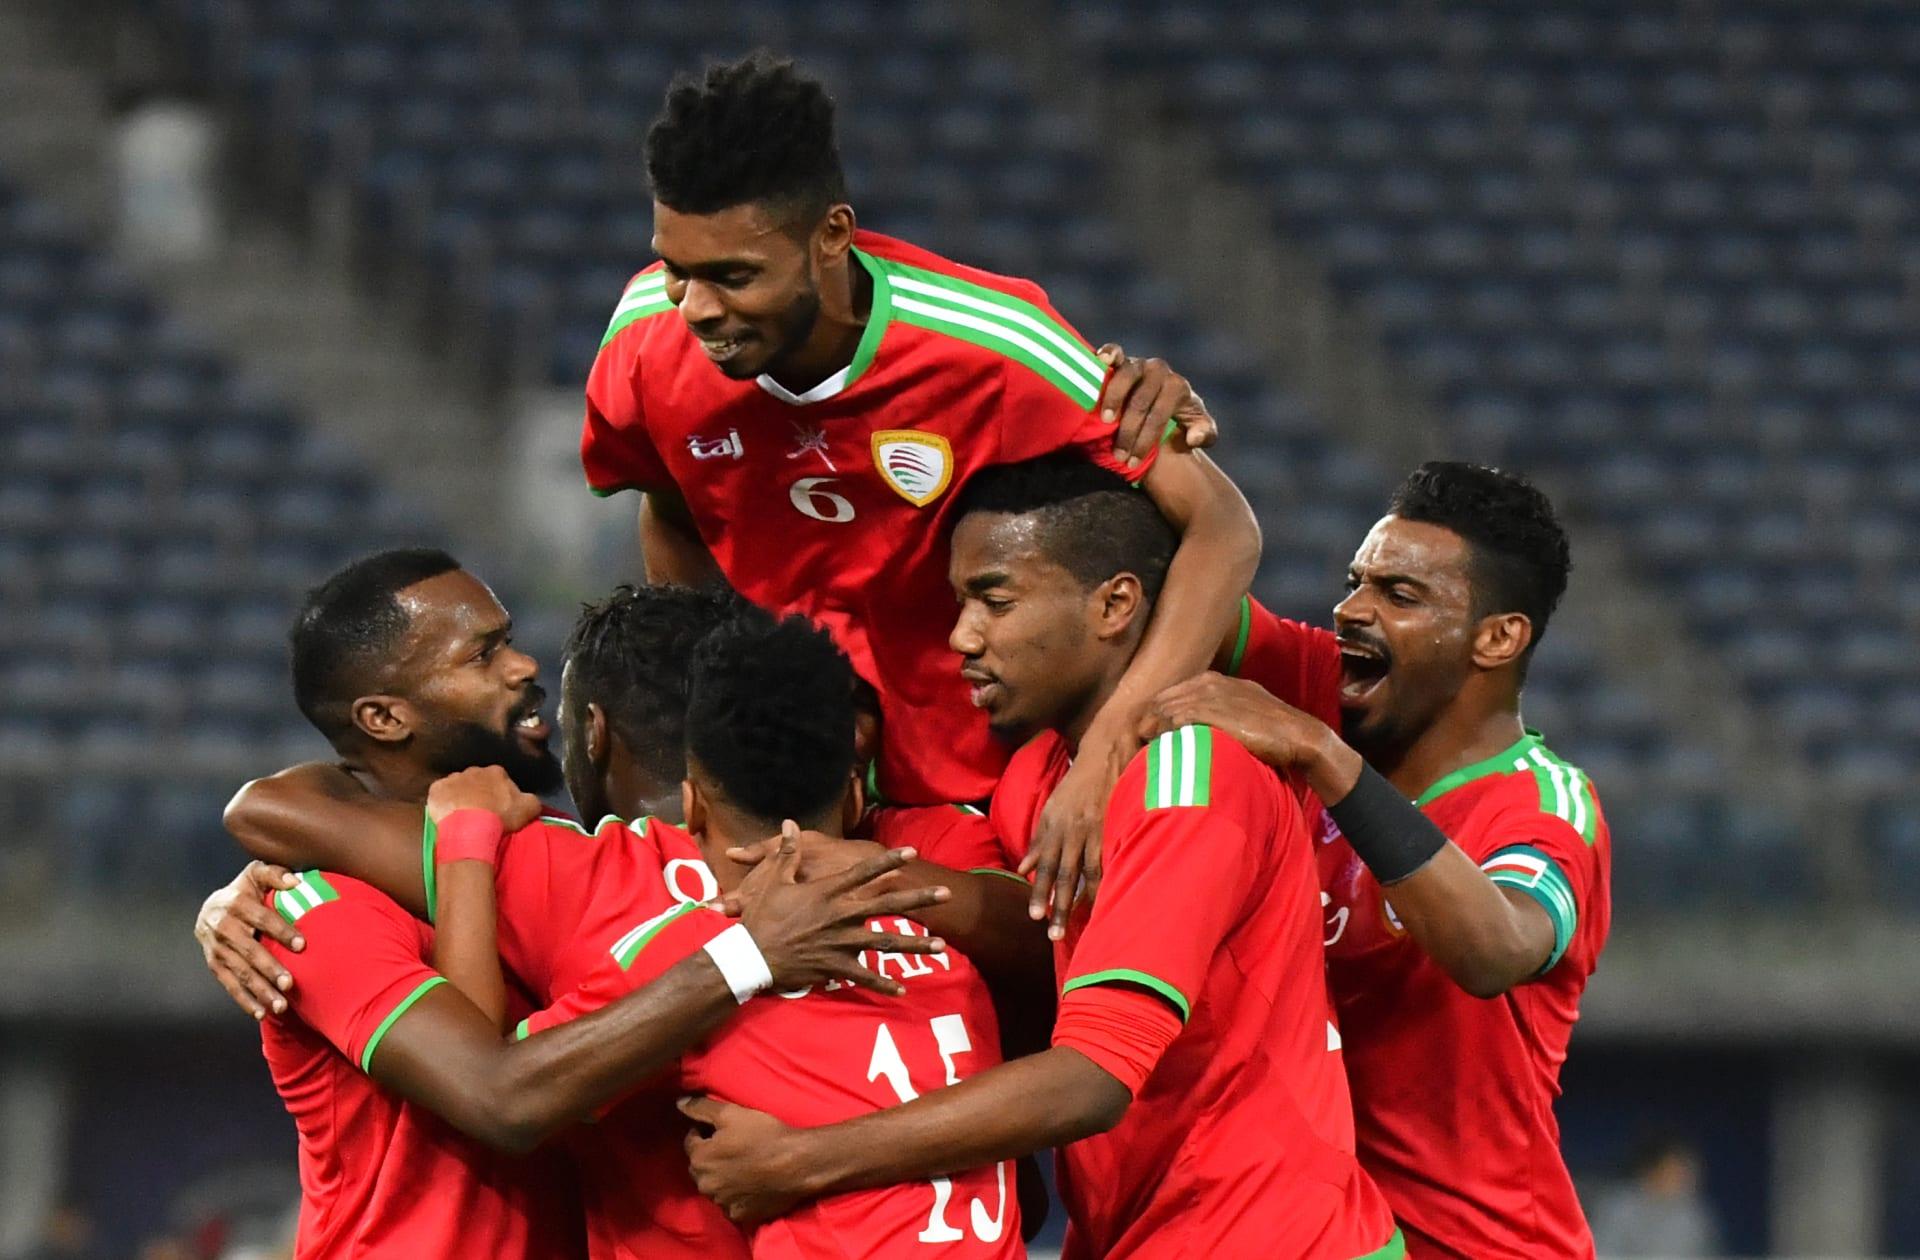 عمان في نهائي كأس الخليج للمرة الرابعة في تاريخها